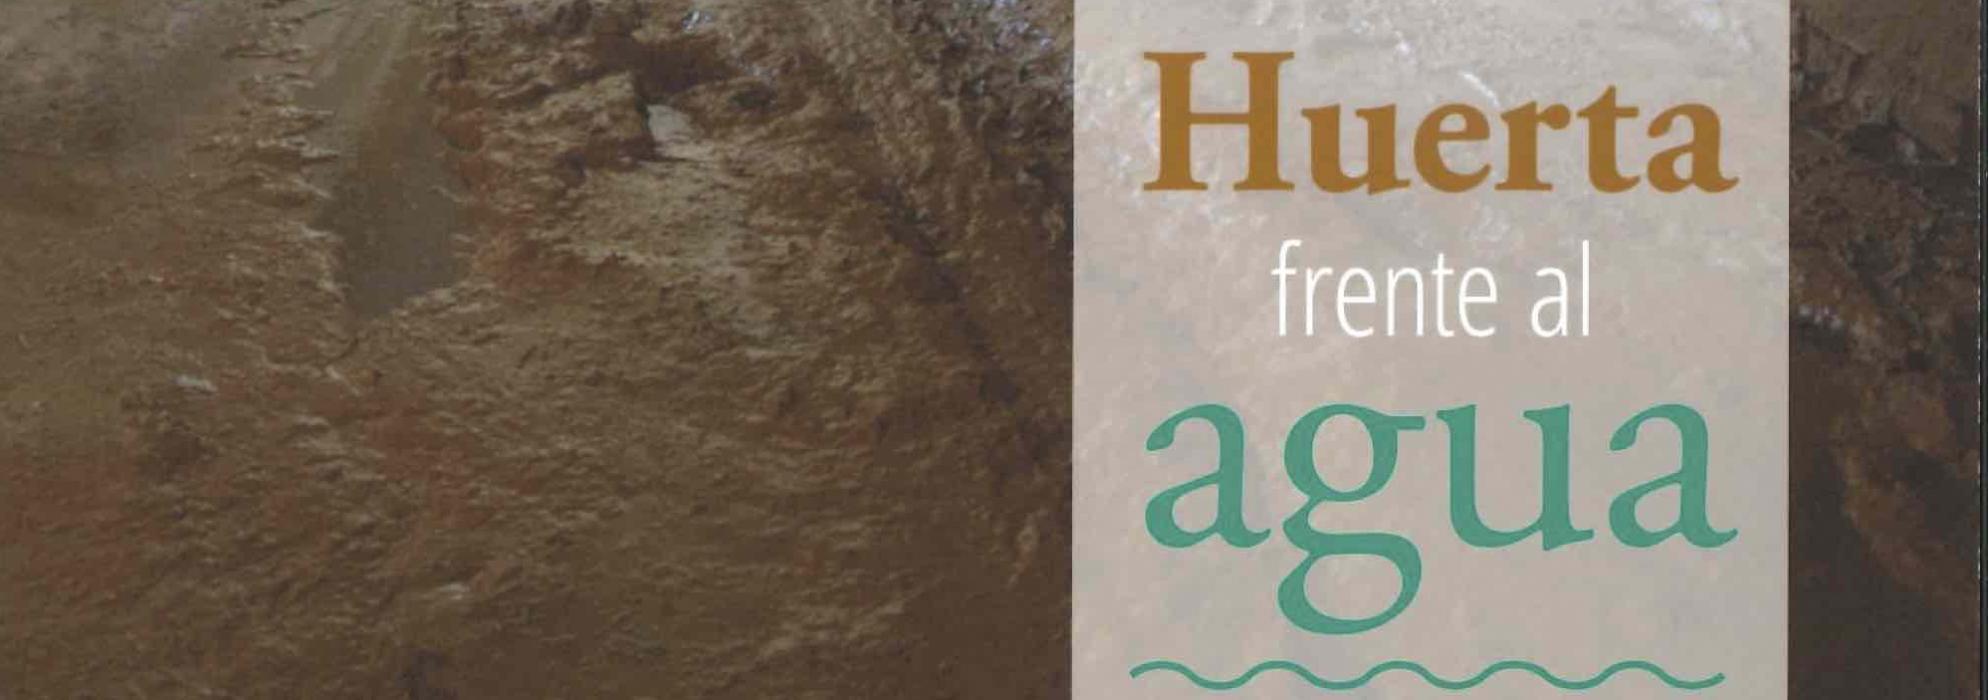 2020-Exposición Huerta y el Agua-Monasterio Cisterciense